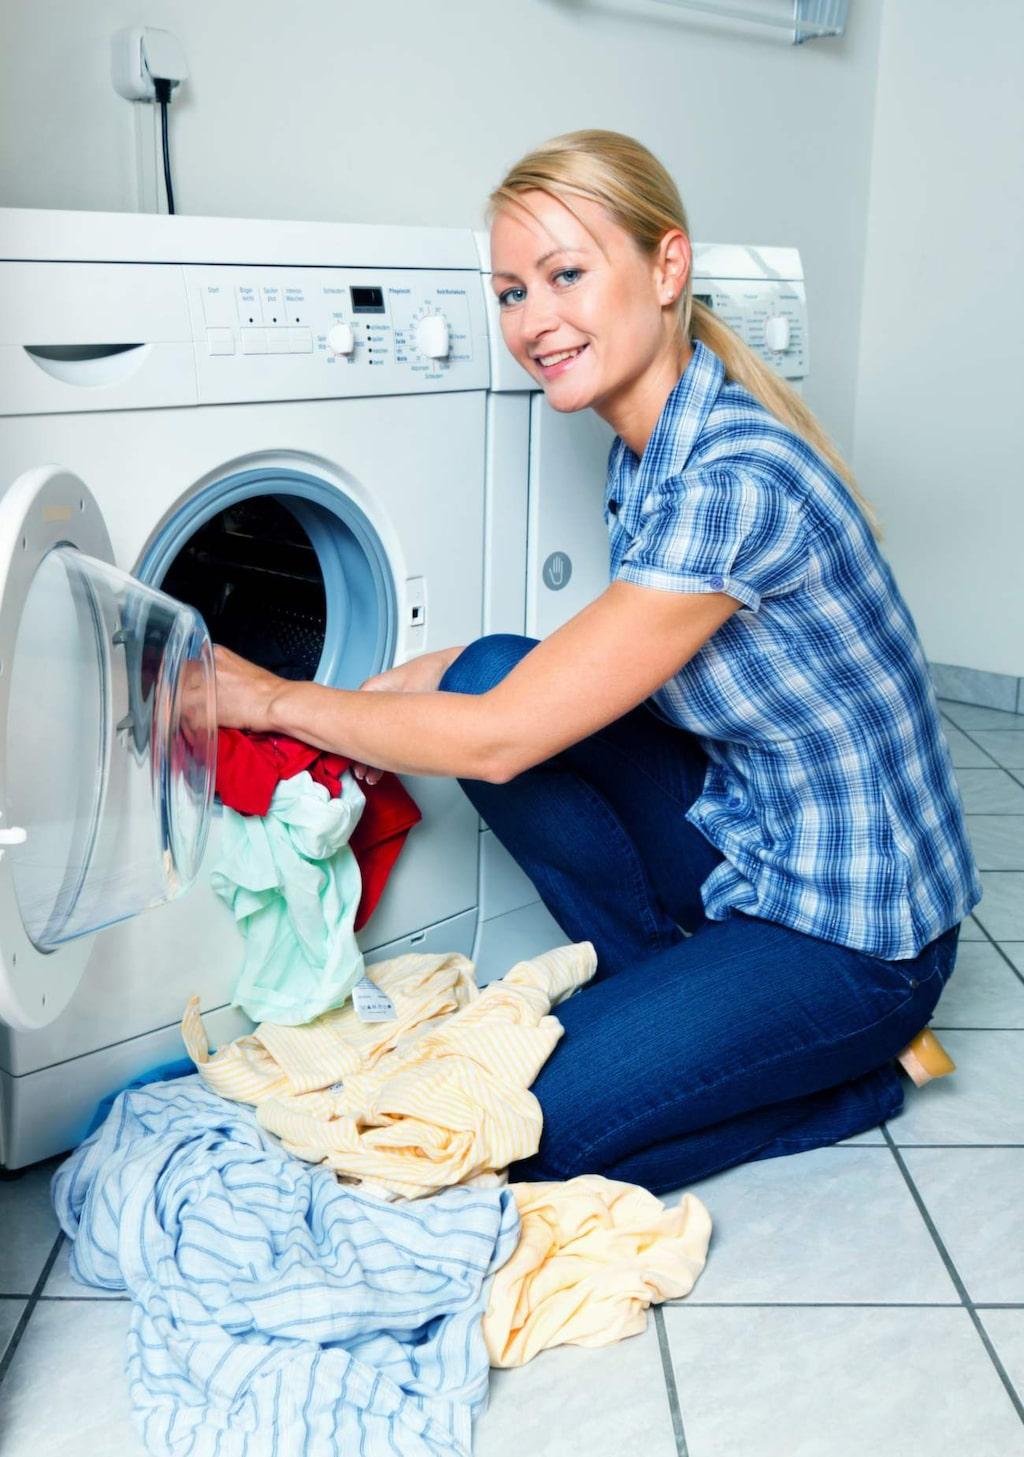 Låt inte kläderna ligga i torktumlaren när de torkat färdigt. Då blir de nämligen skrynkliga.